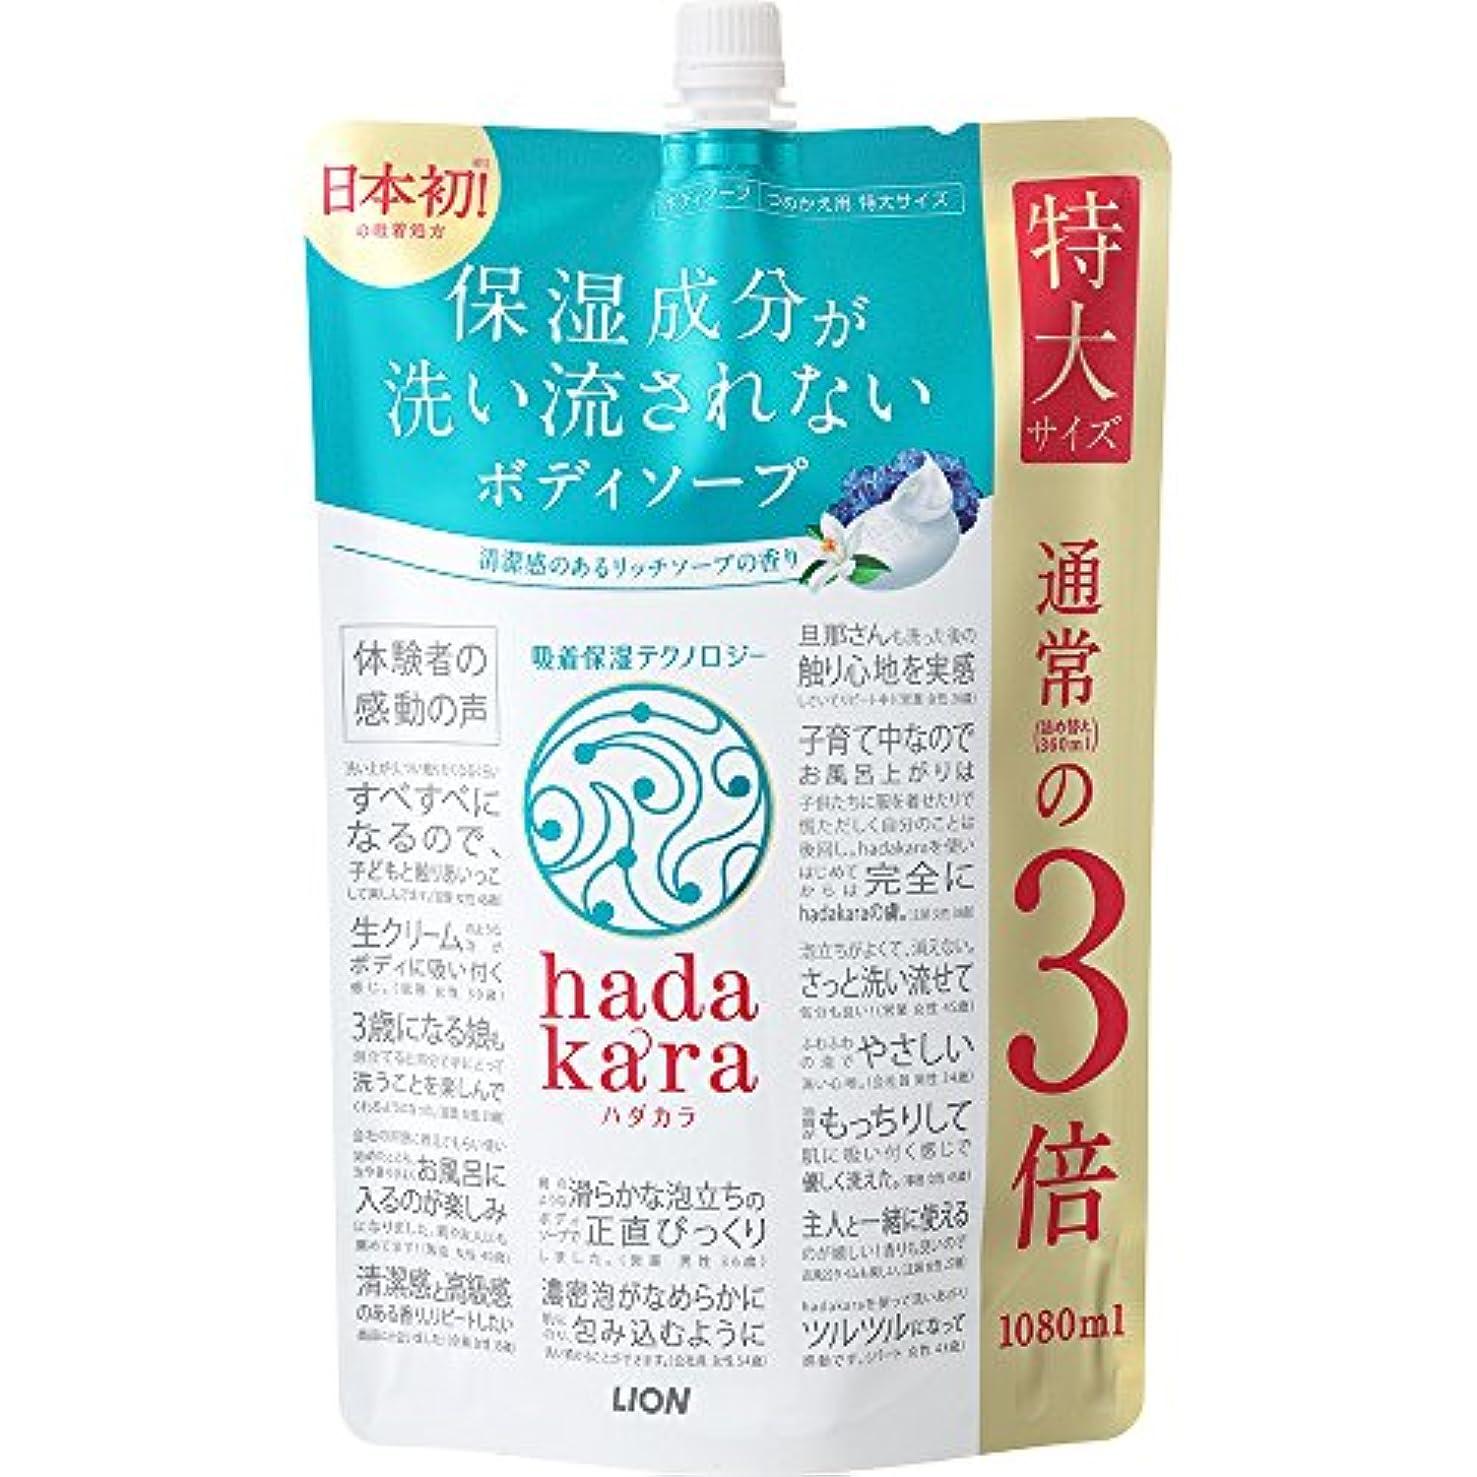 満州家ランク【大容量】hadakara(ハダカラ) ボディソープ リッチソープの香り 詰め替え 特大 1080ml